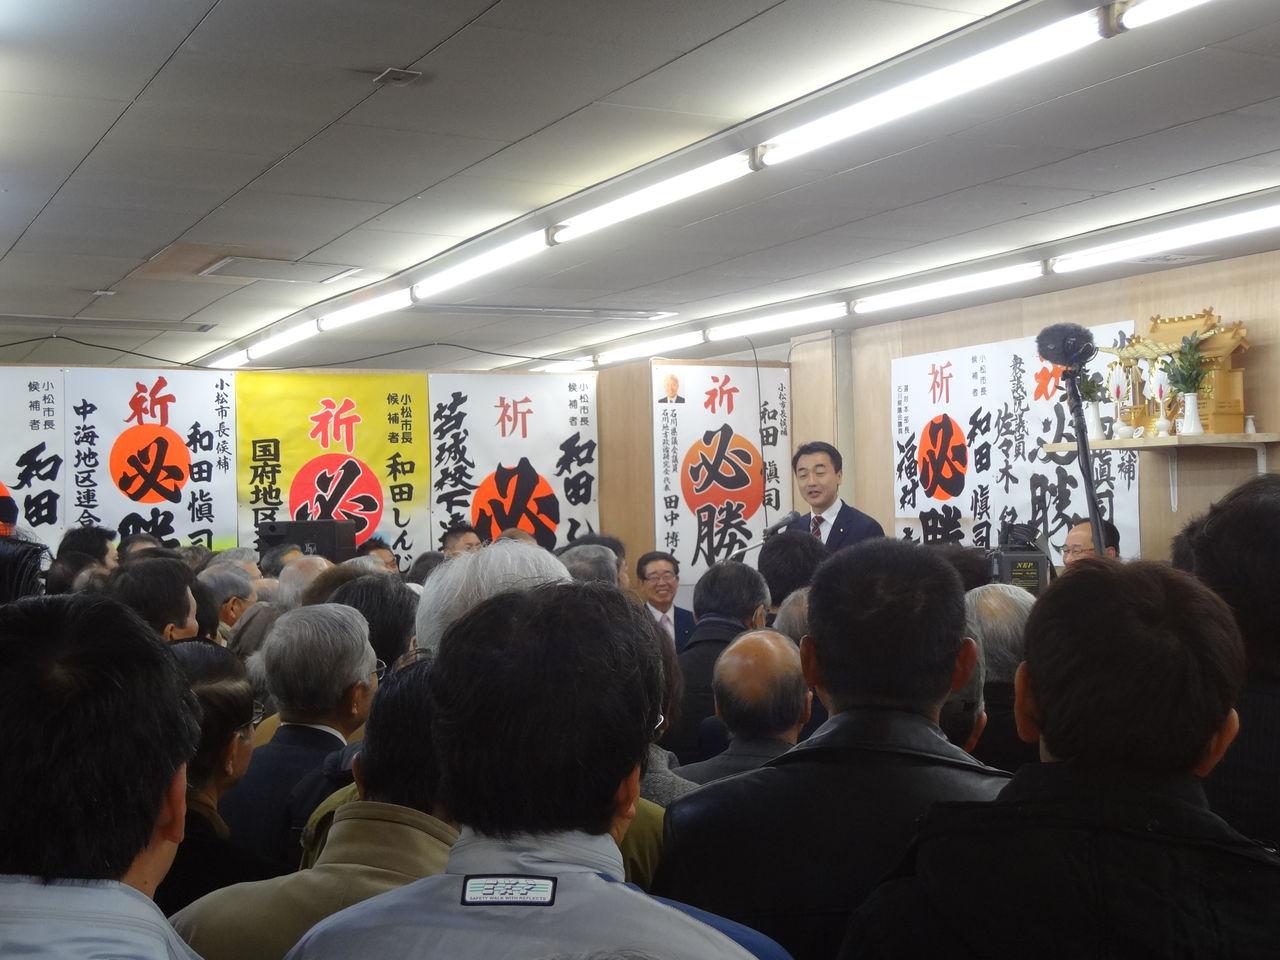 2013:01:20:2248和田市長後援会事務所開き